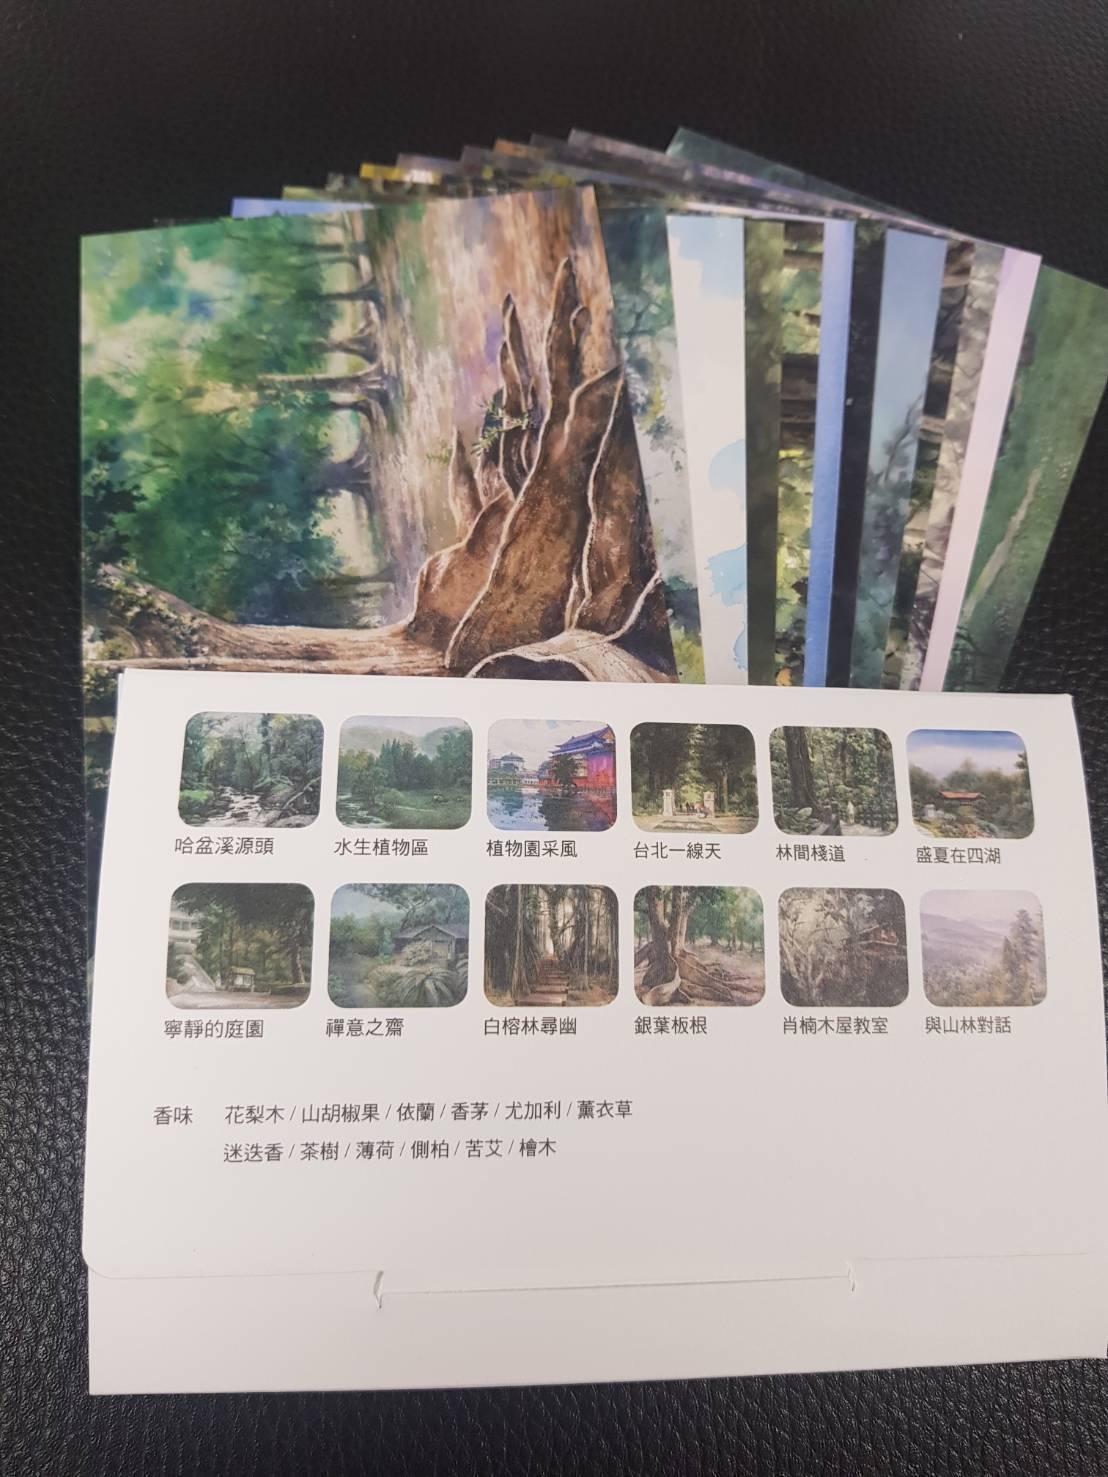 今年農委會林試所出了一款桌曆和明信片,除了美麗畫面以外,還透過技術,把森林裡的「...